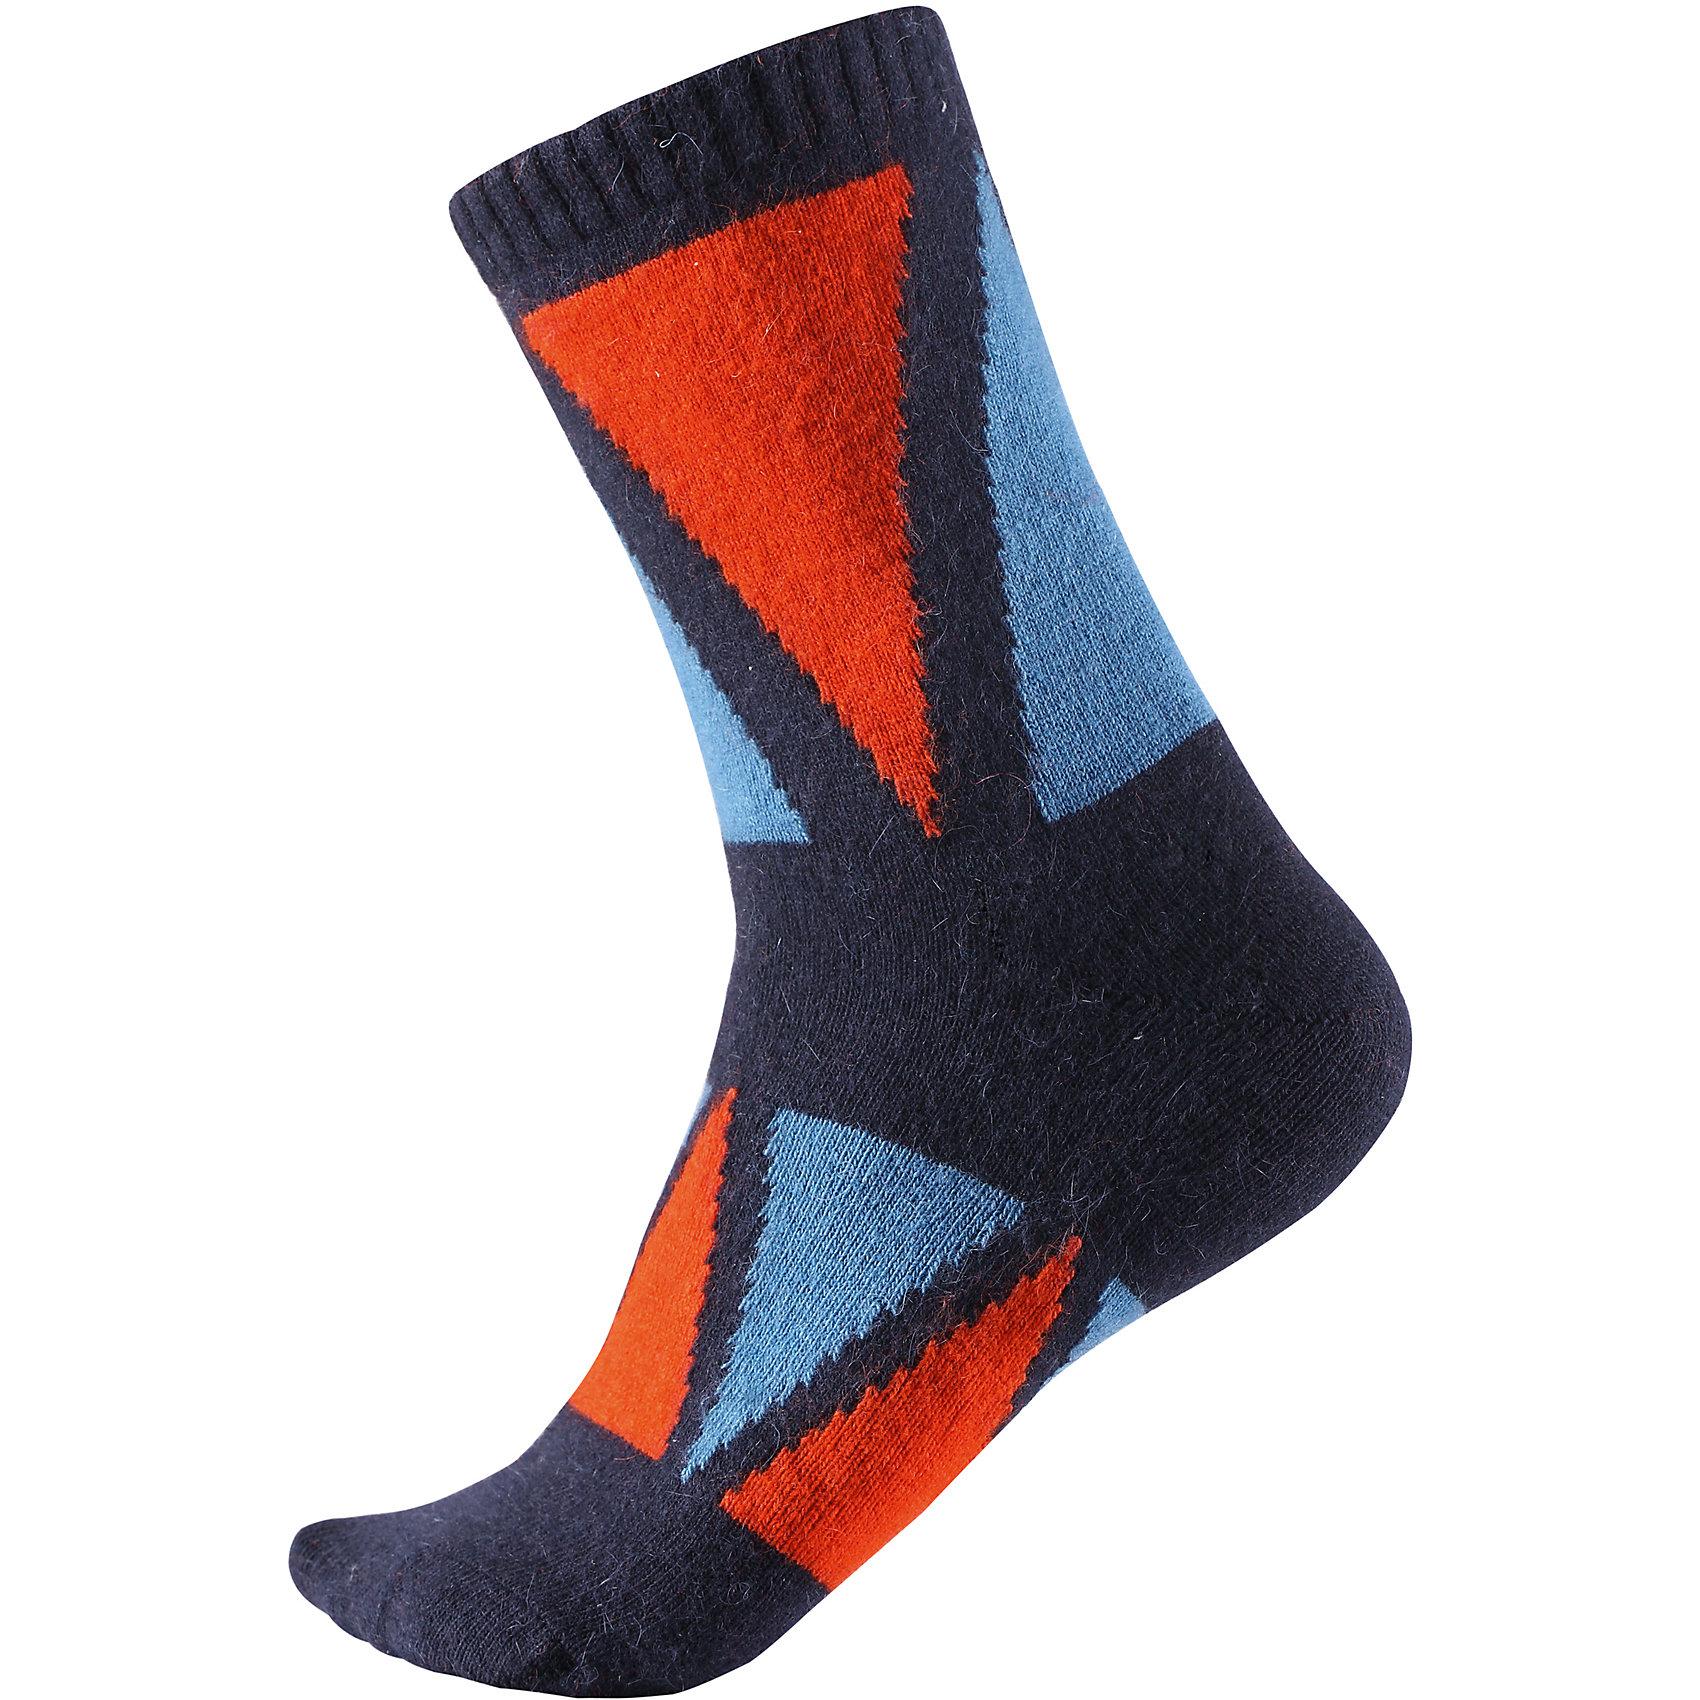 Носки Reima SavoНоски<br>Характеристики товара:<br><br>• цвет: синий;<br>• состав: 36% вискоза, 34% полиамид, 20% шерсть, 7% полиэстер, 3% эластан;<br>• сезон: зима;<br>• легкая ткань без вставок;<br>• быстро сохнут и сохраняют тепло;<br>• благодаря теплой и мягкой ткани из смеси ангорской шерсти ноги детей всегда в тепле;<br>• страна бренда: Финляндия;<br>• страна изготовитель: Китай.<br><br>Классные и яркие длинные детские носки из шерстяного трикотажа – отличный выбор для любителей активных прогулок! Носки изготовлены из теплой и мягкой ангорской полушерсти и превосходно регулируют температуру, особенно в морозные зимние дни! Эластичный шерстяной трикотаж отлично пропускает воздух и быстро сохнет, поэтому ребенку будет максимально комфортно во время веселых прогулок. Облегченная модель без усилений на подошве.<br><br>Носки Savo Reima от финского бренда Reima (Рейма) можно купить в нашем интернет-магазине.<br><br>Ширина мм: 87<br>Глубина мм: 10<br>Высота мм: 105<br>Вес г: 115<br>Цвет: синий<br>Возраст от месяцев: 168<br>Возраст до месяцев: 1188<br>Пол: Унисекс<br>Возраст: Детский<br>Размер: 34-37,22-25,26-29,30-33<br>SKU: 6902073